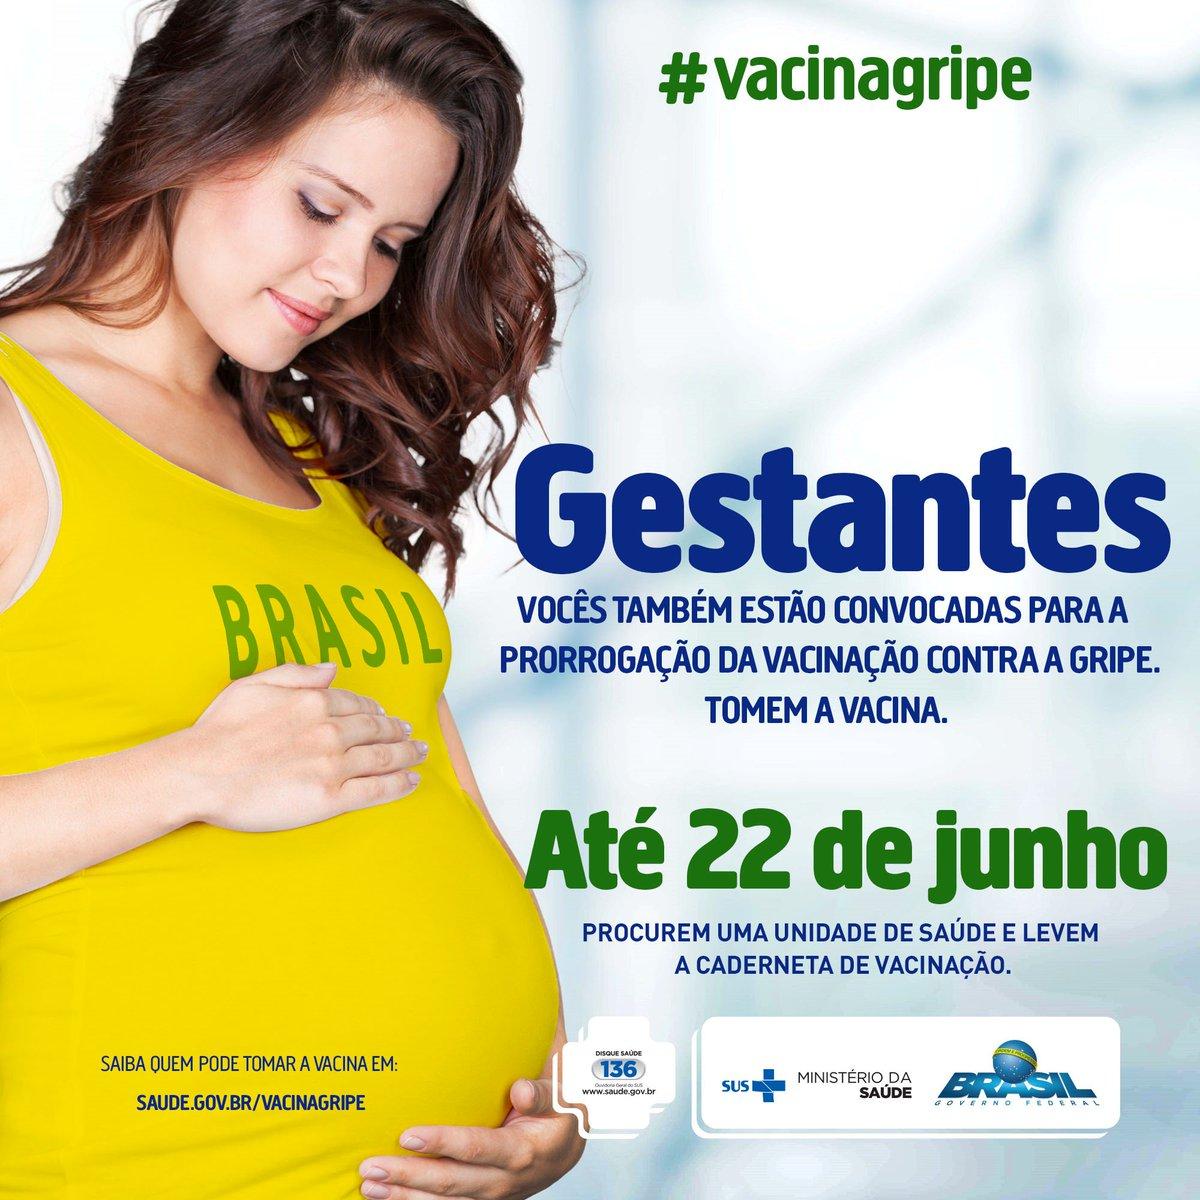 Gente, atenção! Hoje, sexta-feira, é o último dia da campanha da vacinação contra a gripe. Você que faz parte do grupo prioritário não perca essa oportunidade! #VacinaGripe #VacinarÉProteger